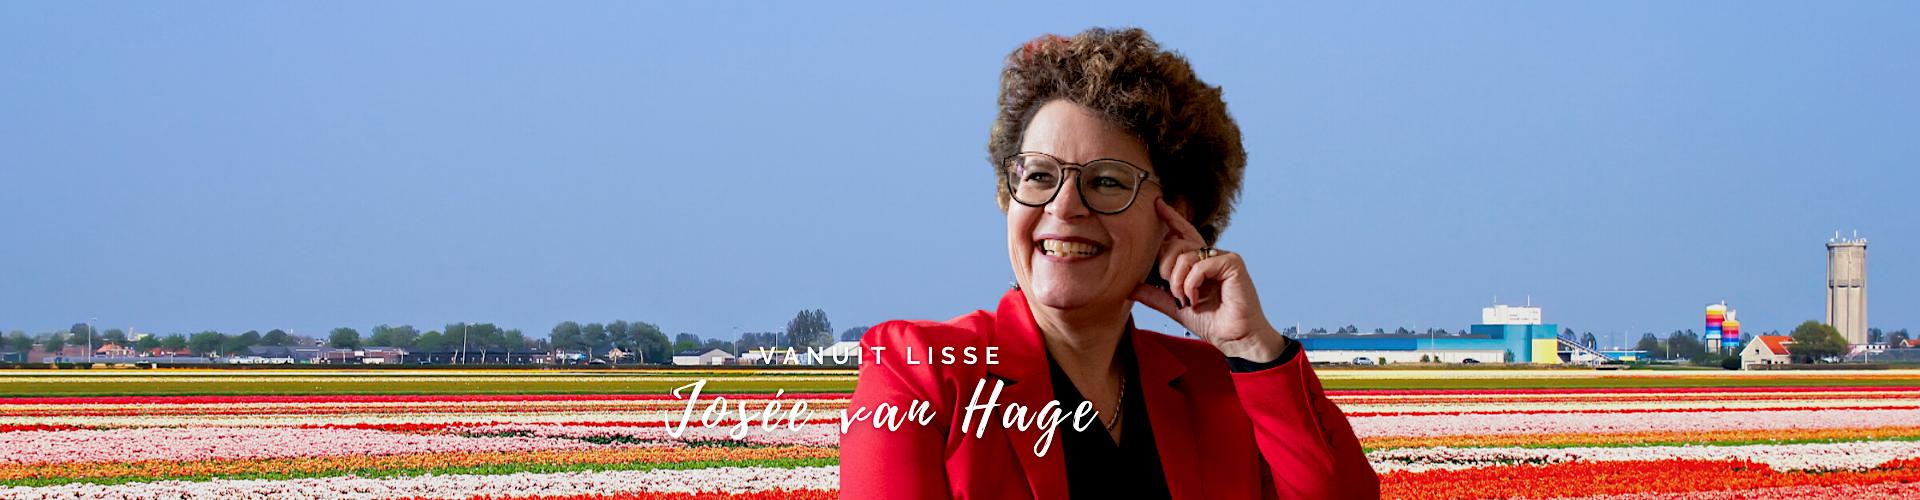 Josée van Hage